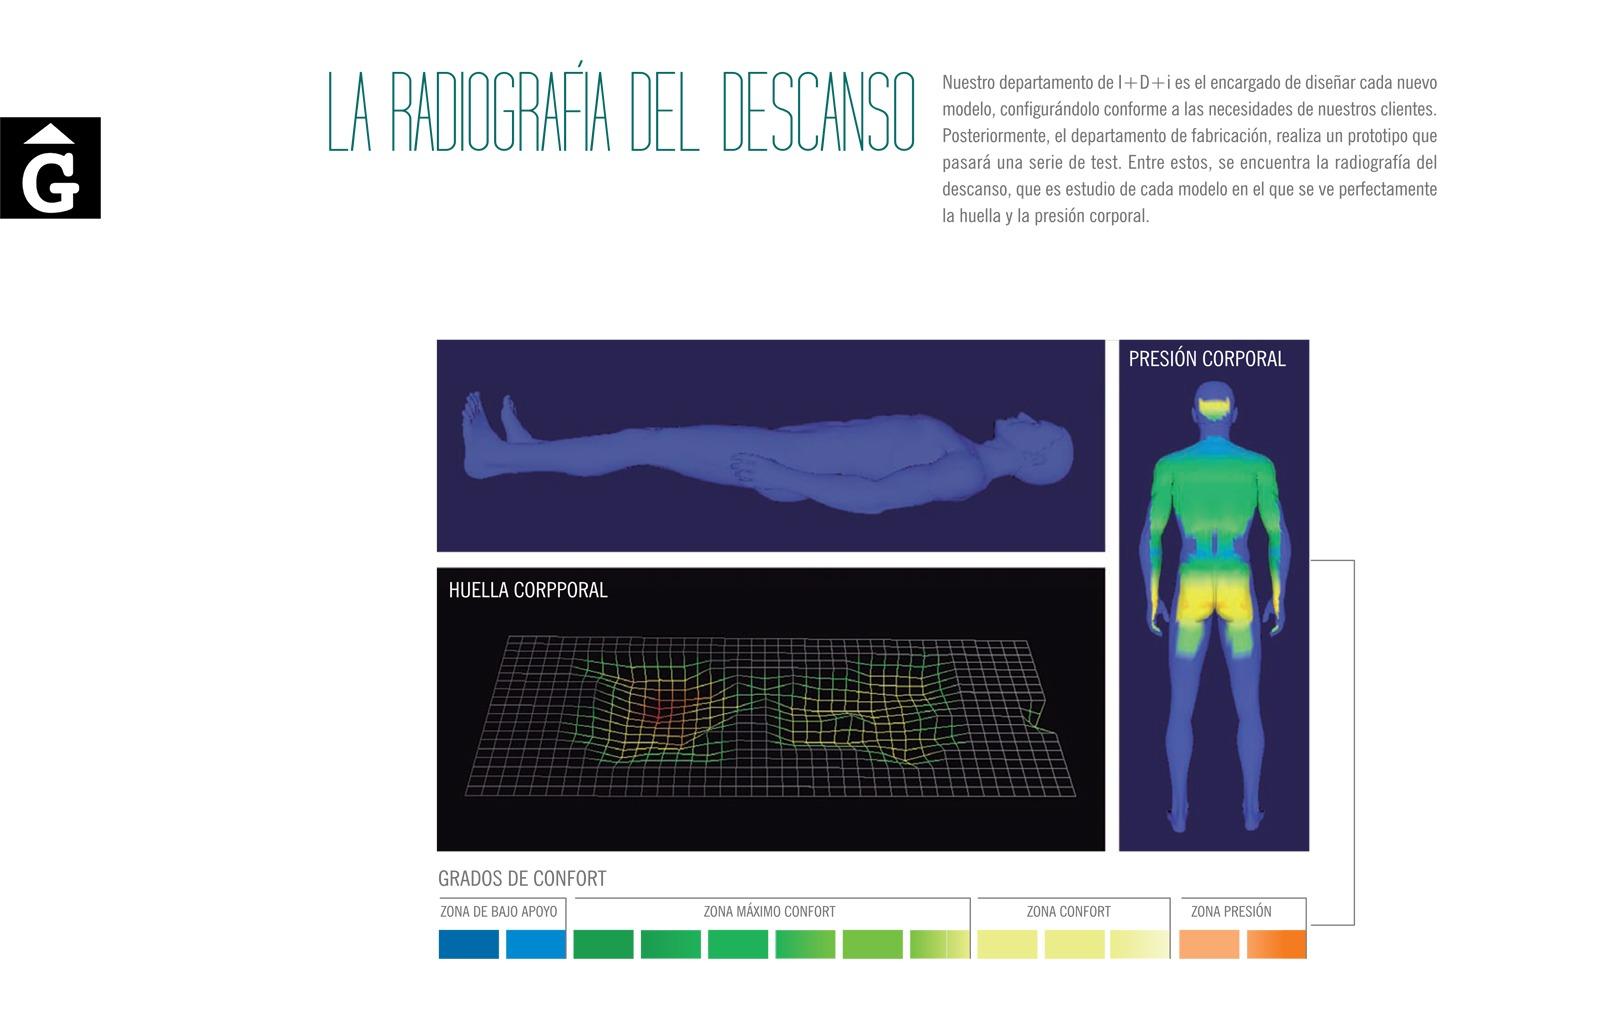 6-radiografia-del-descans-terxy-by-mobles-gifreu-girona-fabricants-de-somnis-matalas-matalassos-somier-somiers-coixi-coixins-de-qualitat-realitazats-amb-els-cinc-sentits